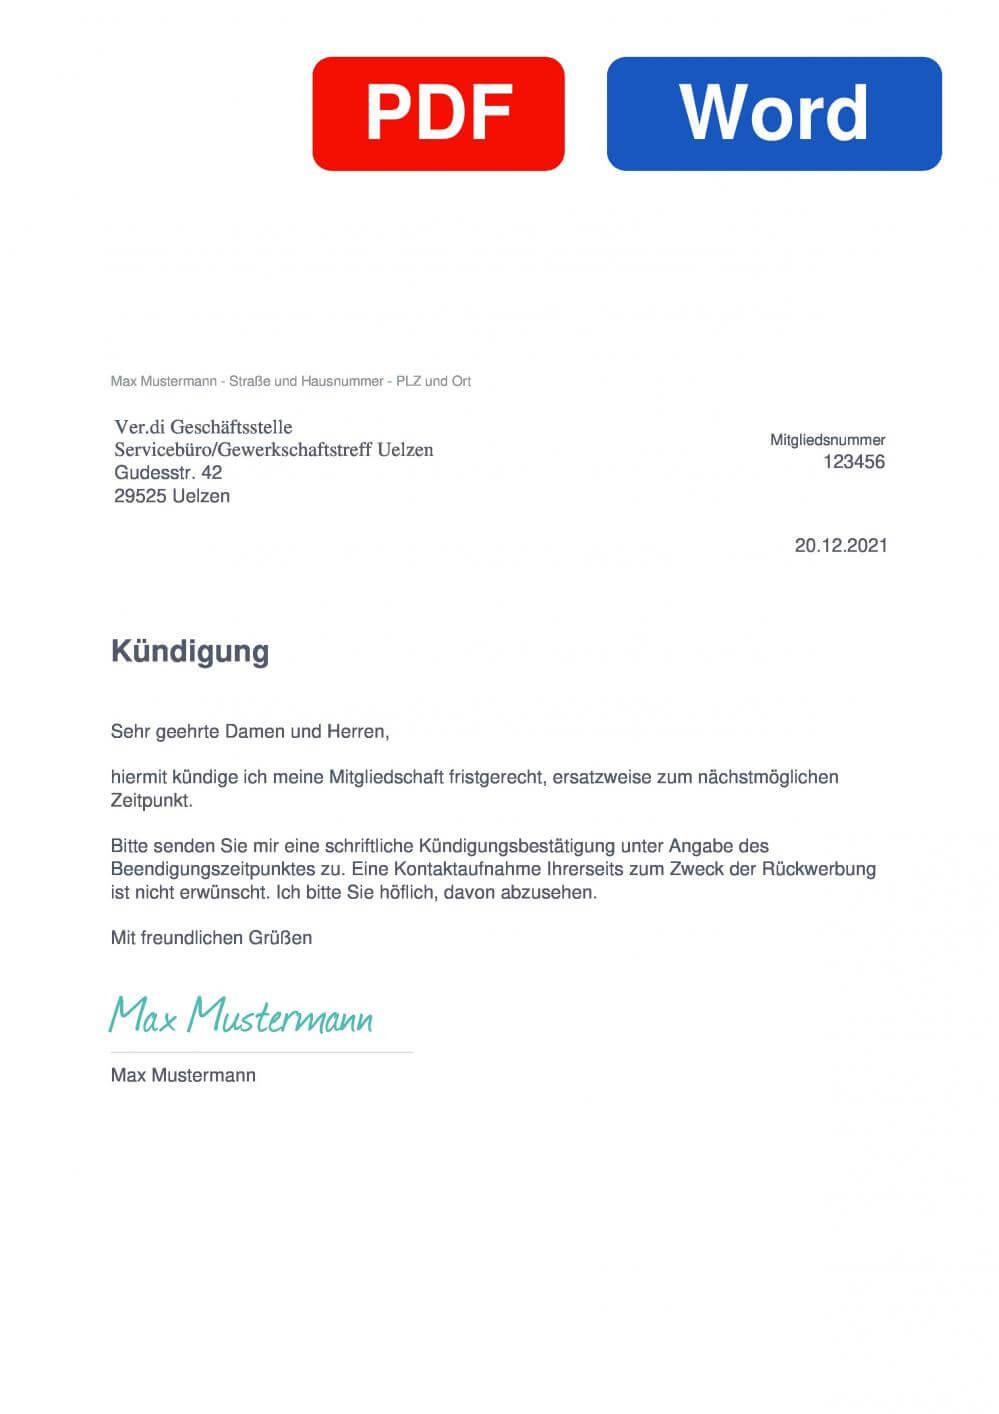 Verdi Servicebüro/Gewerkschaftstreff Uelzen Muster Vorlage für Kündigungsschreiben